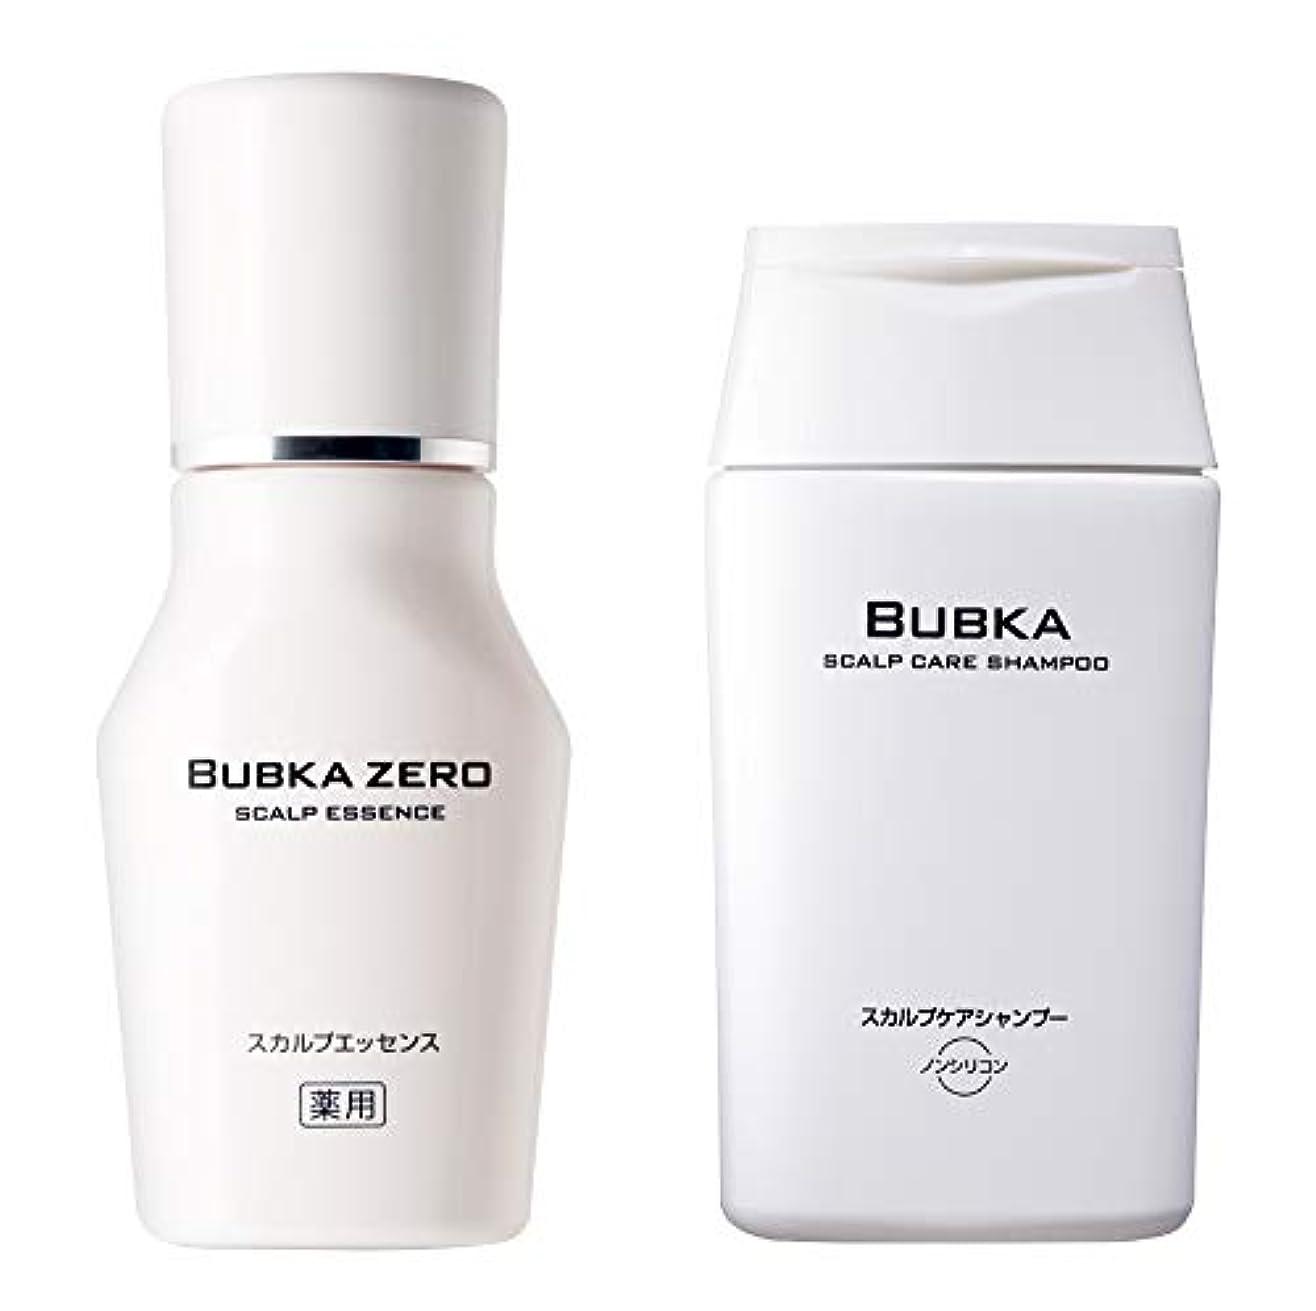 汚染された以内によろめく【医薬部外品】BUBKA(ブブカ)薬用 スカルプエッセンス 育毛剤 BUBKA ZERO+BUBKAスカルプケアシャンプー おすすめセット